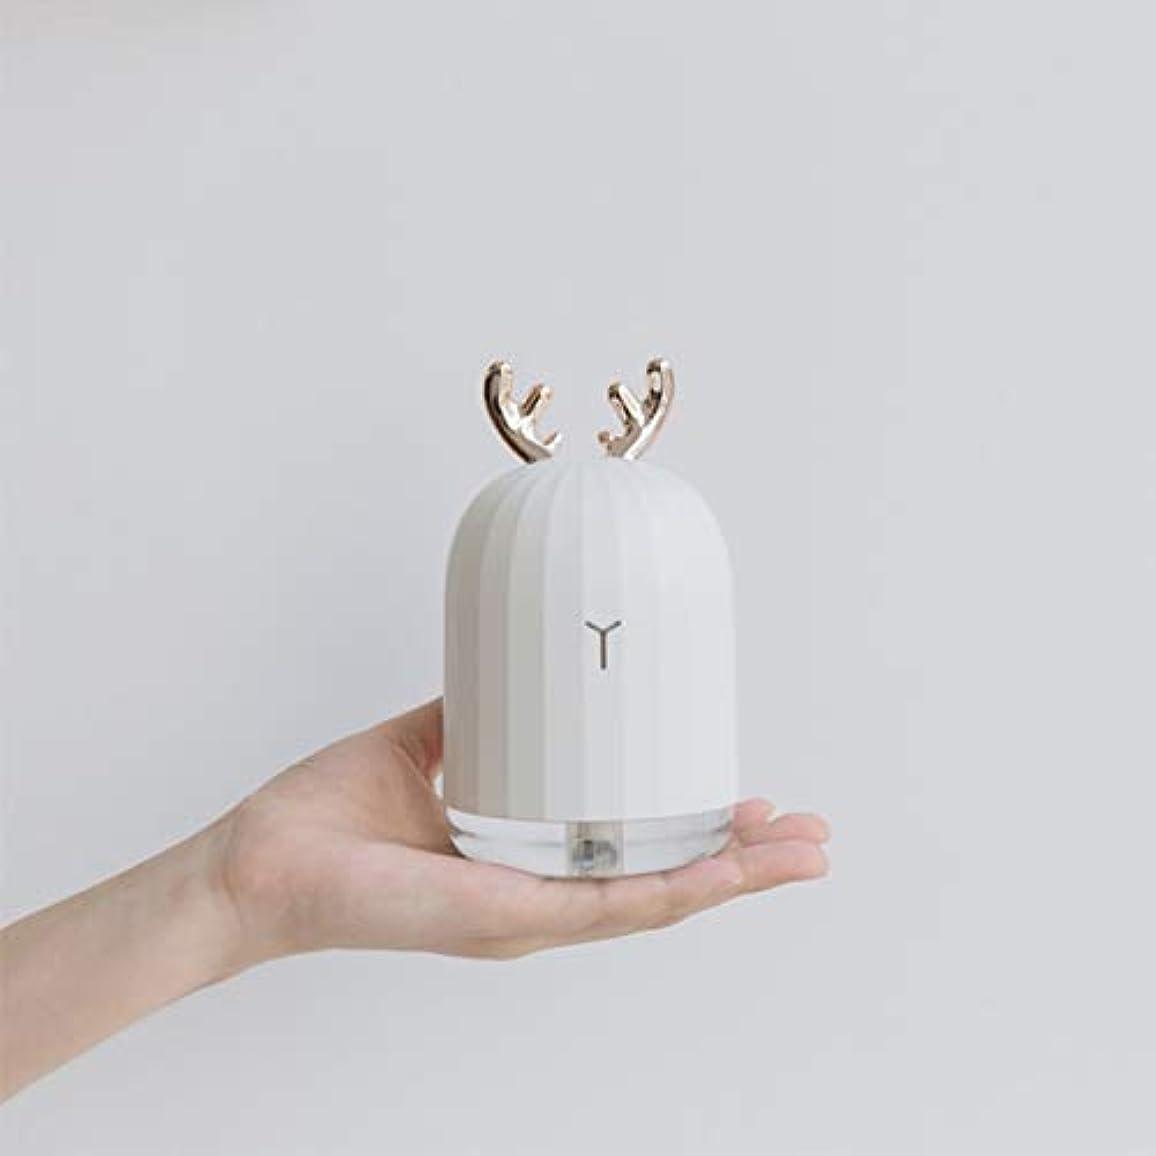 マオリ暖かく会員Saikogoods LEDナイトライトとラベンダーの空気超音波加湿エッセンシャルオイルディフューザーアトマイザーエアフレッシュナーミストメーカー 鹿